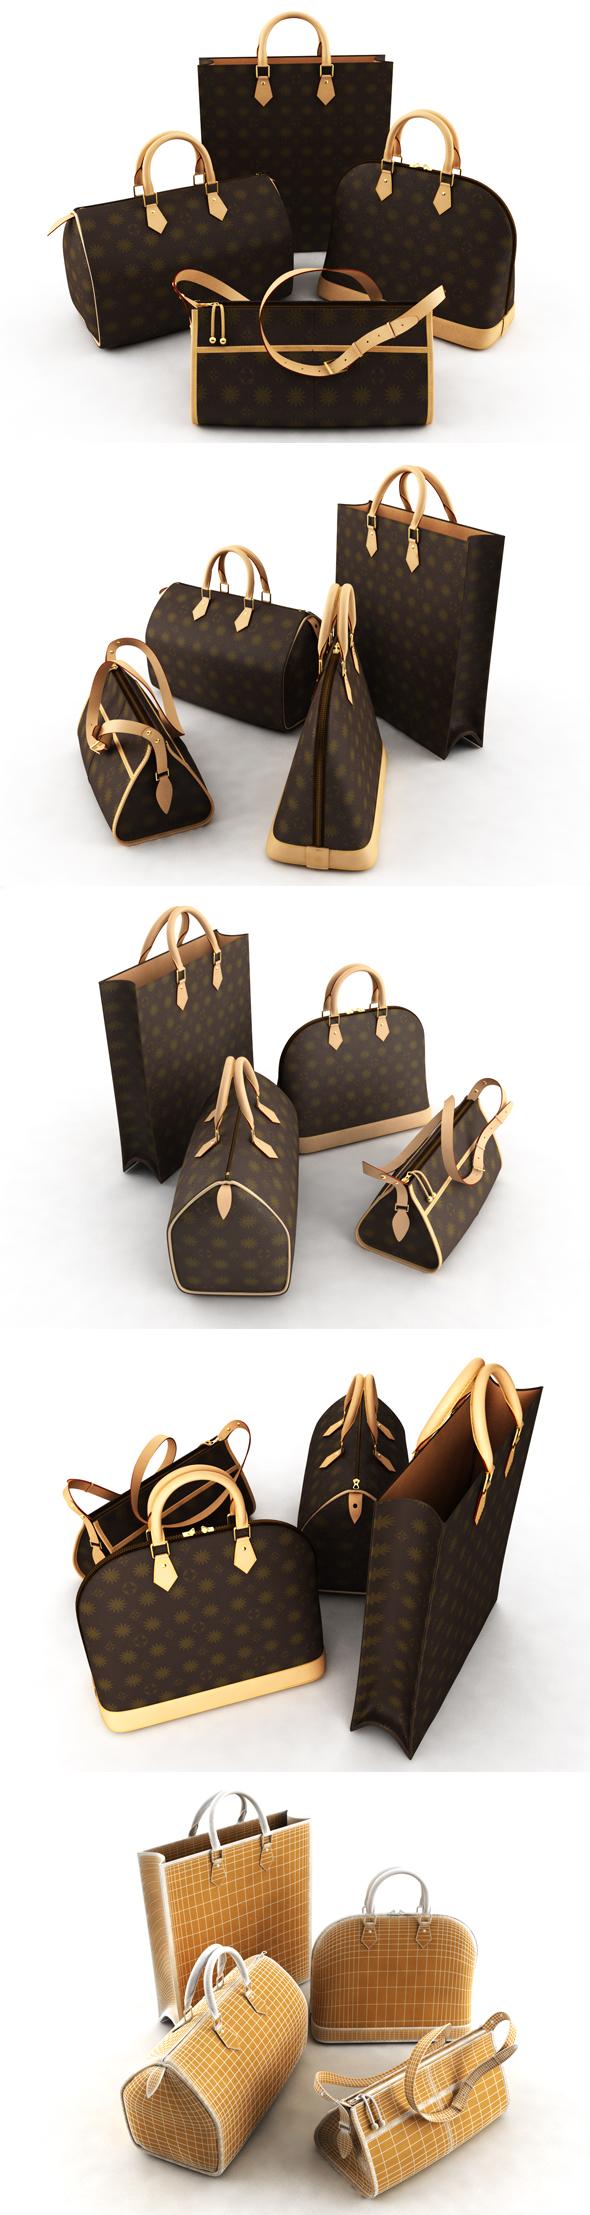 Bag ladies - 3DOcean Item for Sale